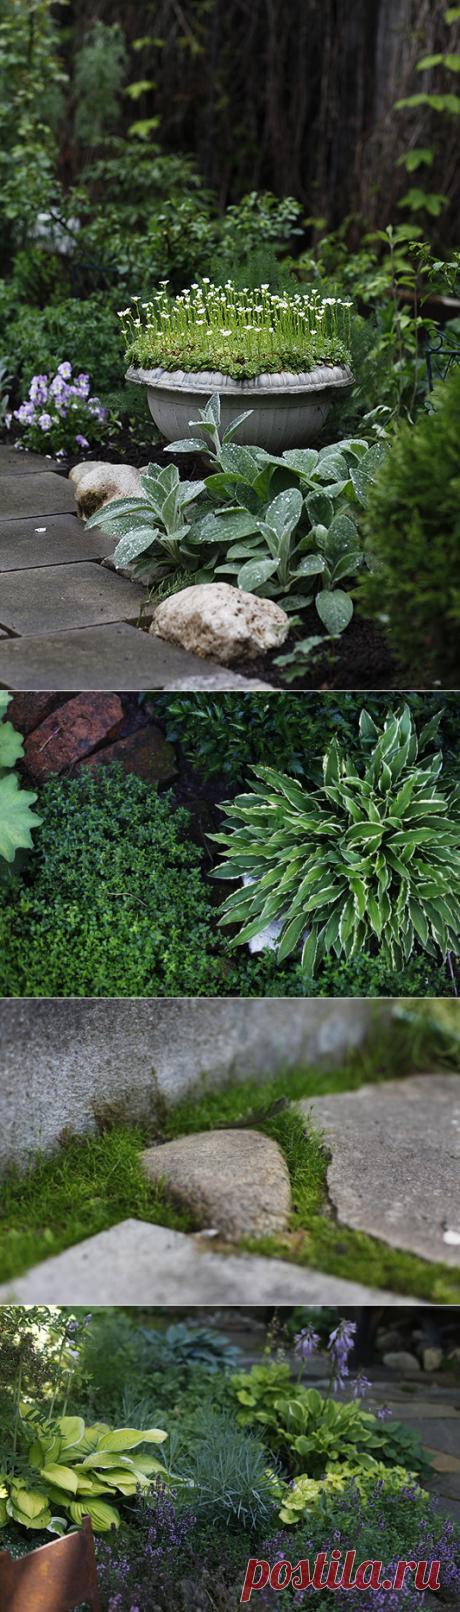 Почвопокровные для солнечных мест - Home and Garden